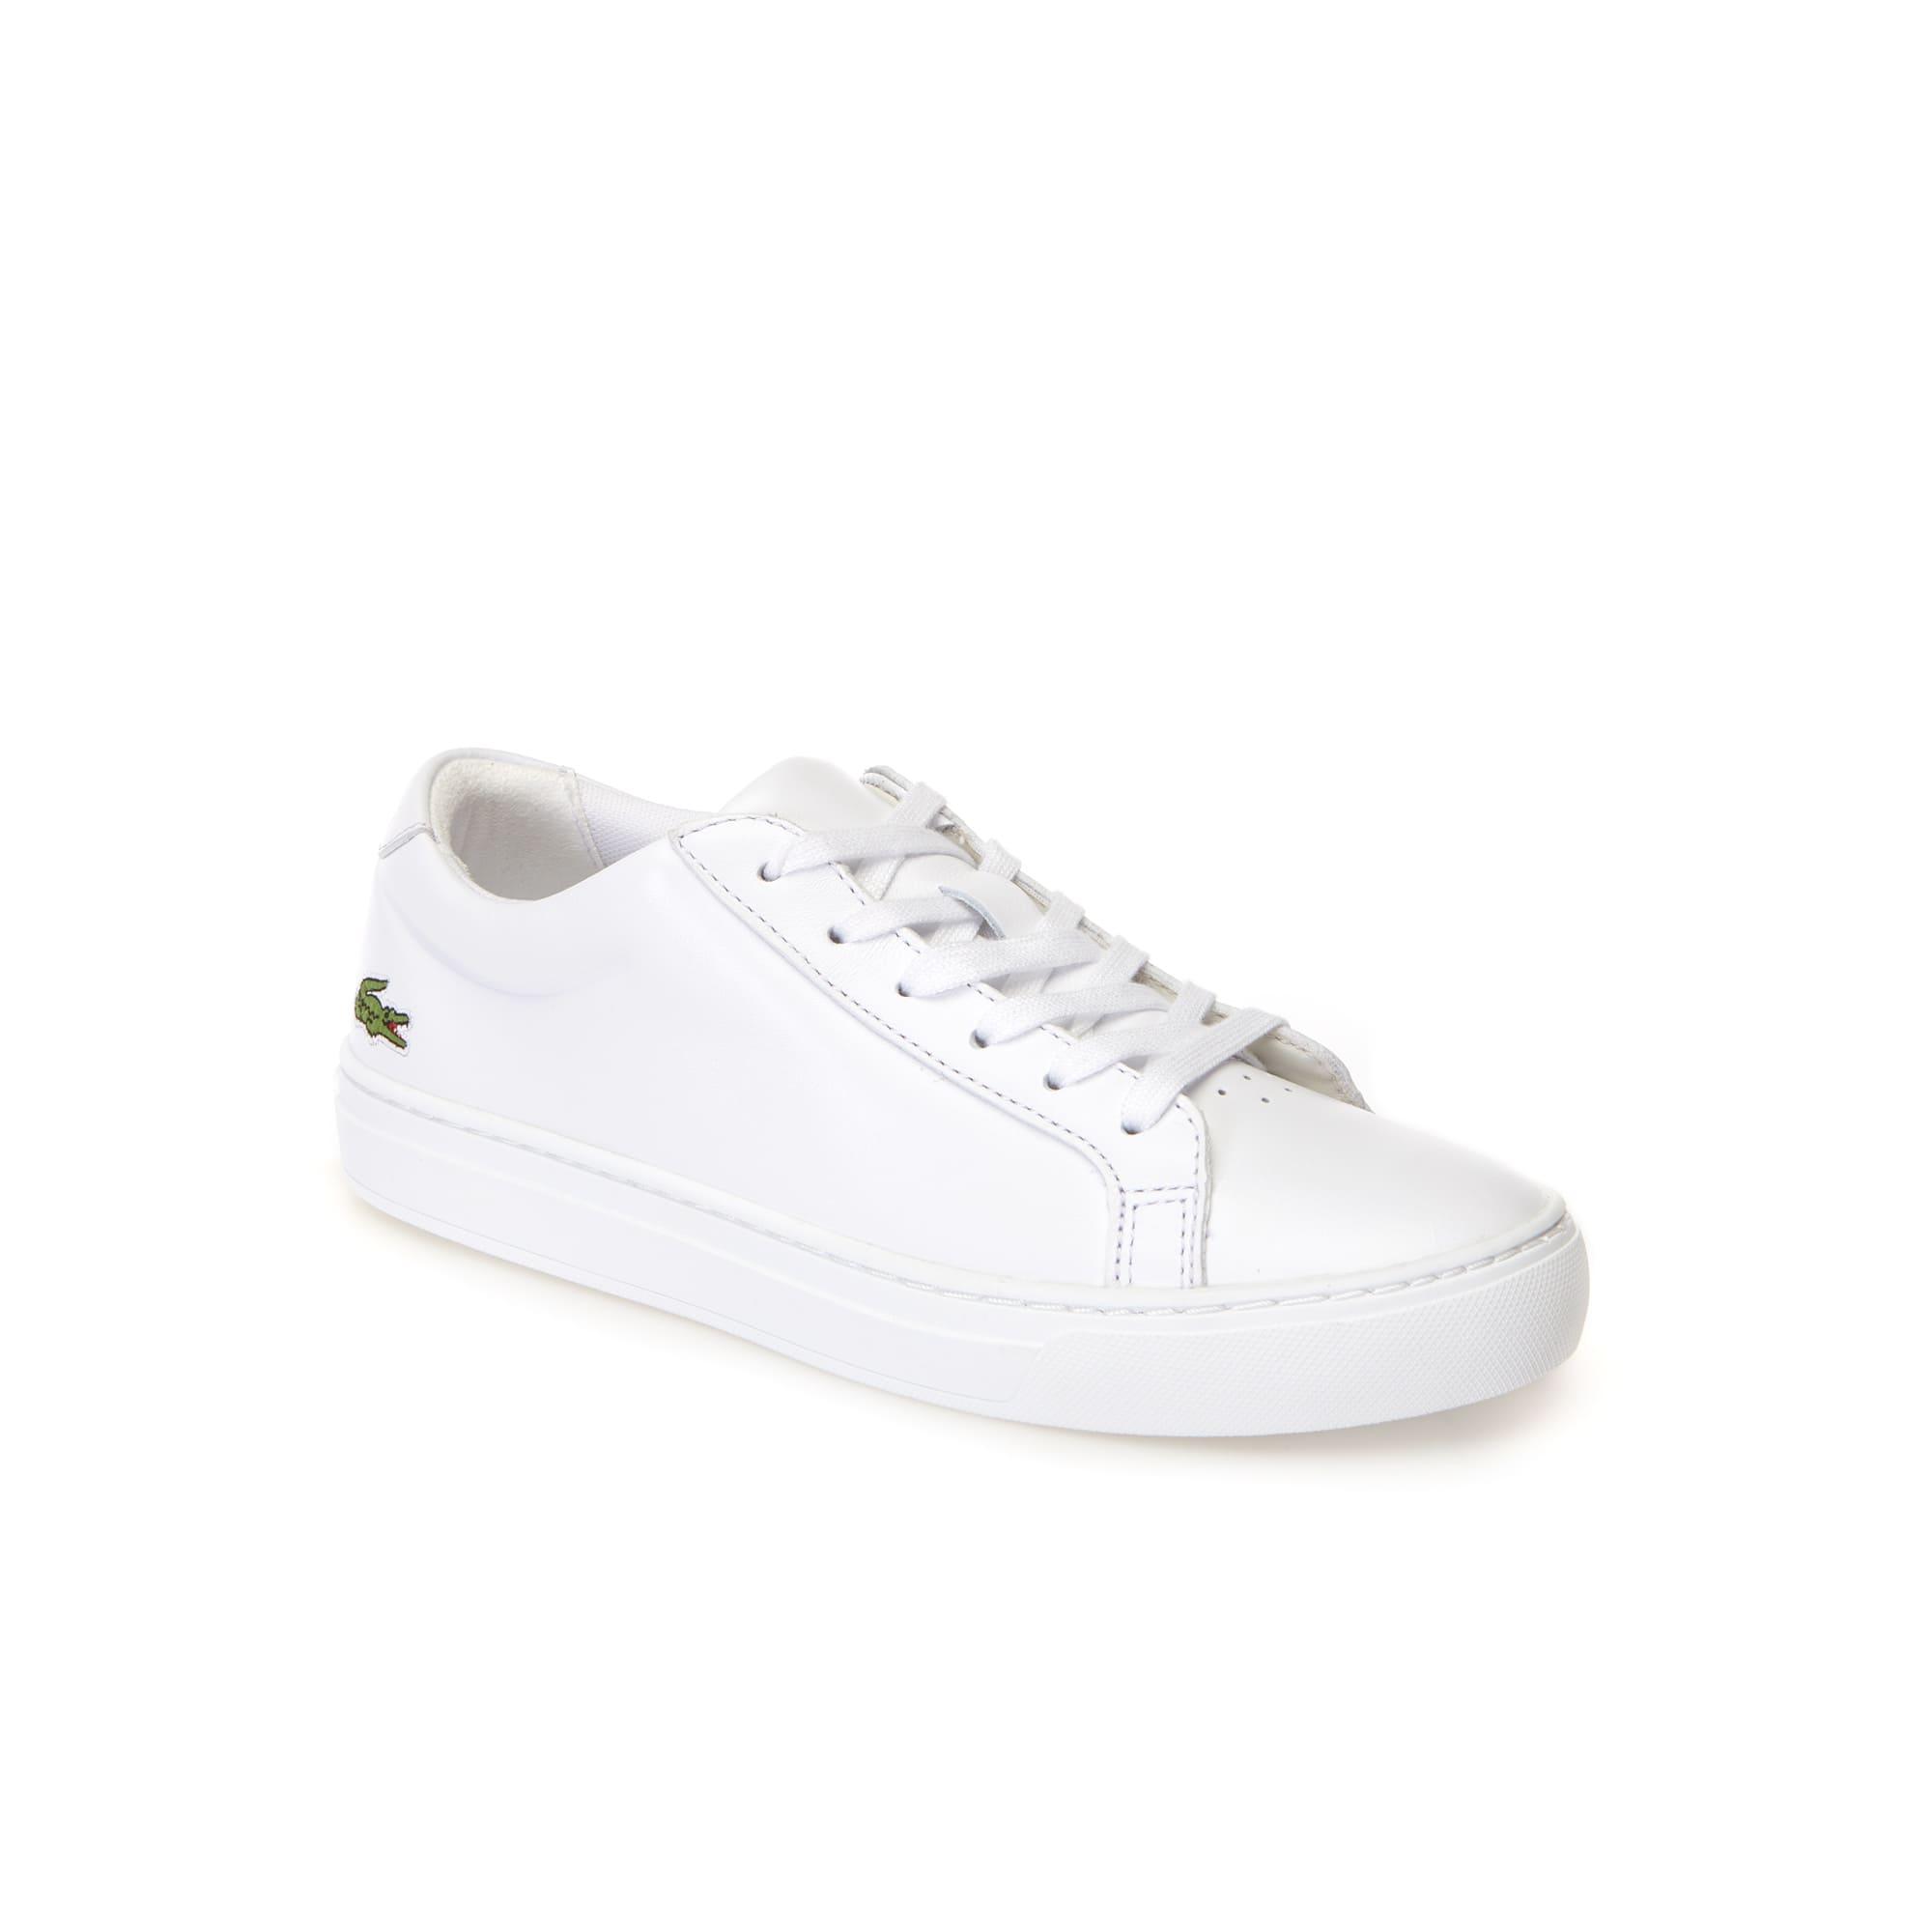 Damen-Sneakers L.12.12 aus Leder